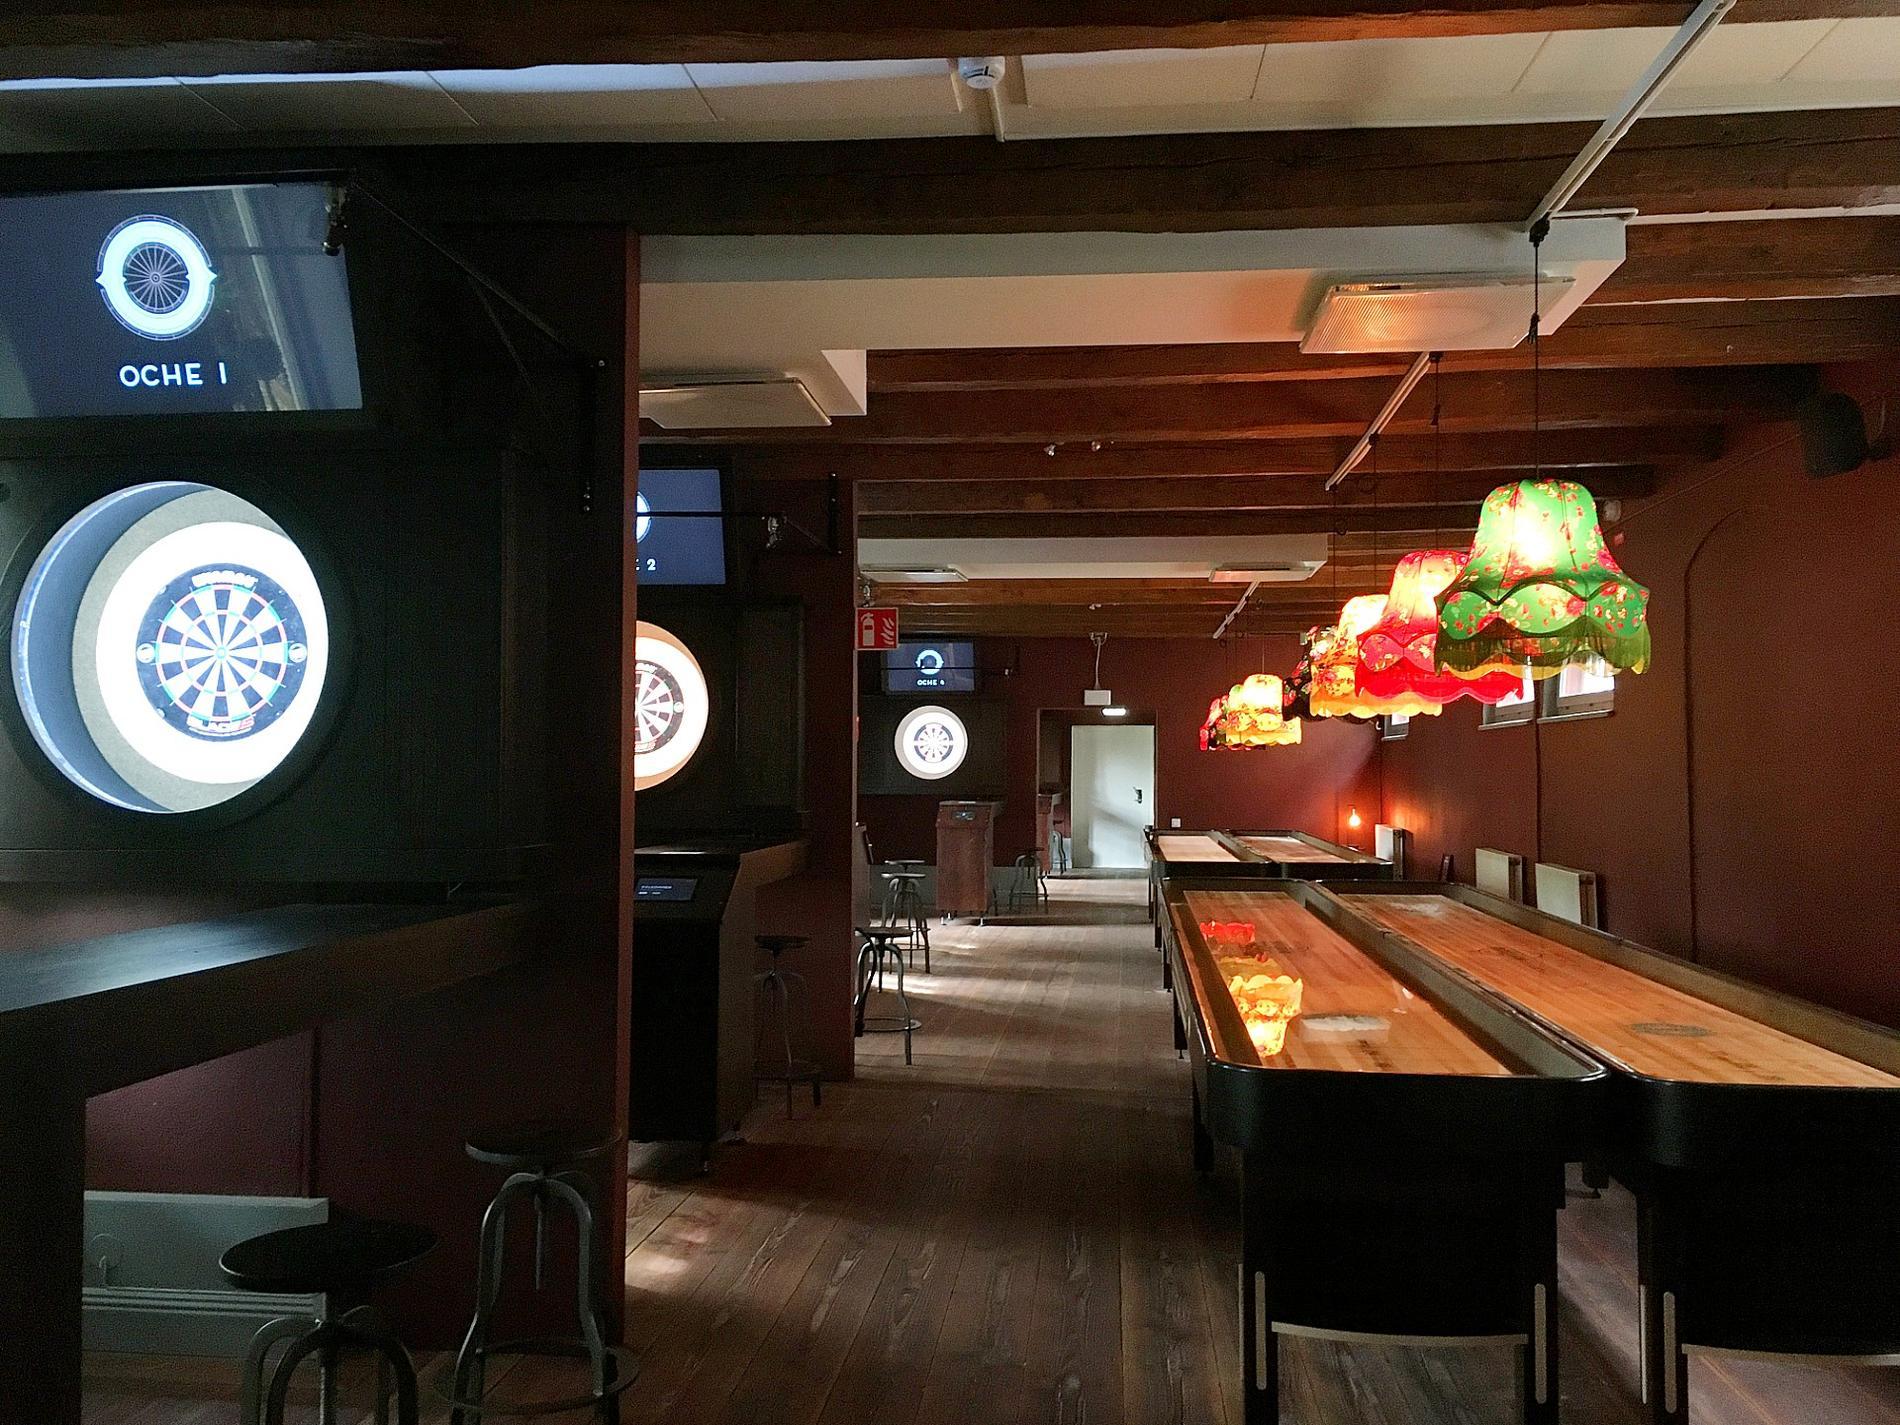 Intill baren finns en hall med shuffleboard och electric dartboard.